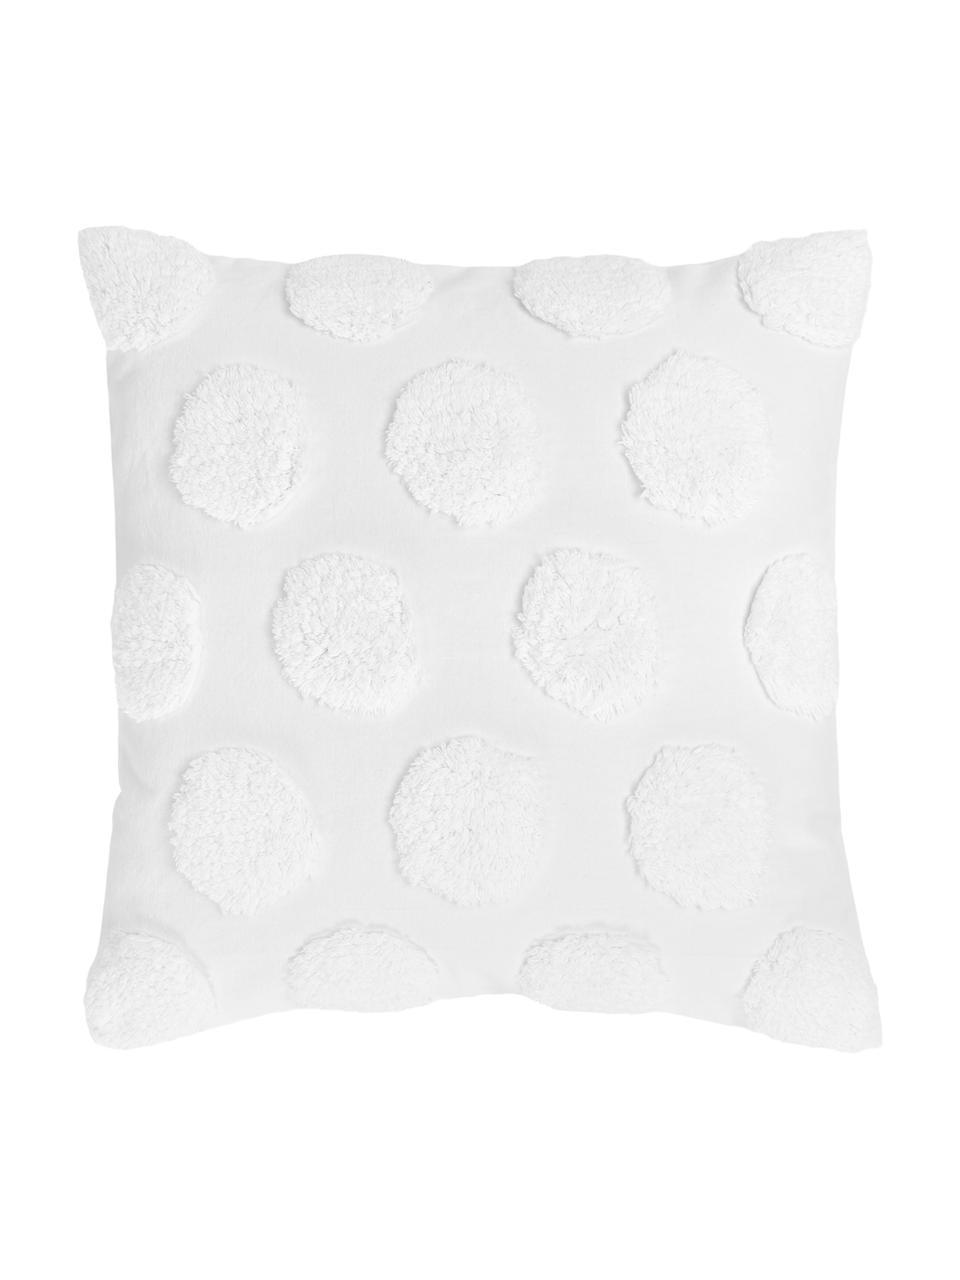 Kissenhülle Rowen mit getuftetem Muster, 100% Baumwolle, Weiß, 50 x 50 cm